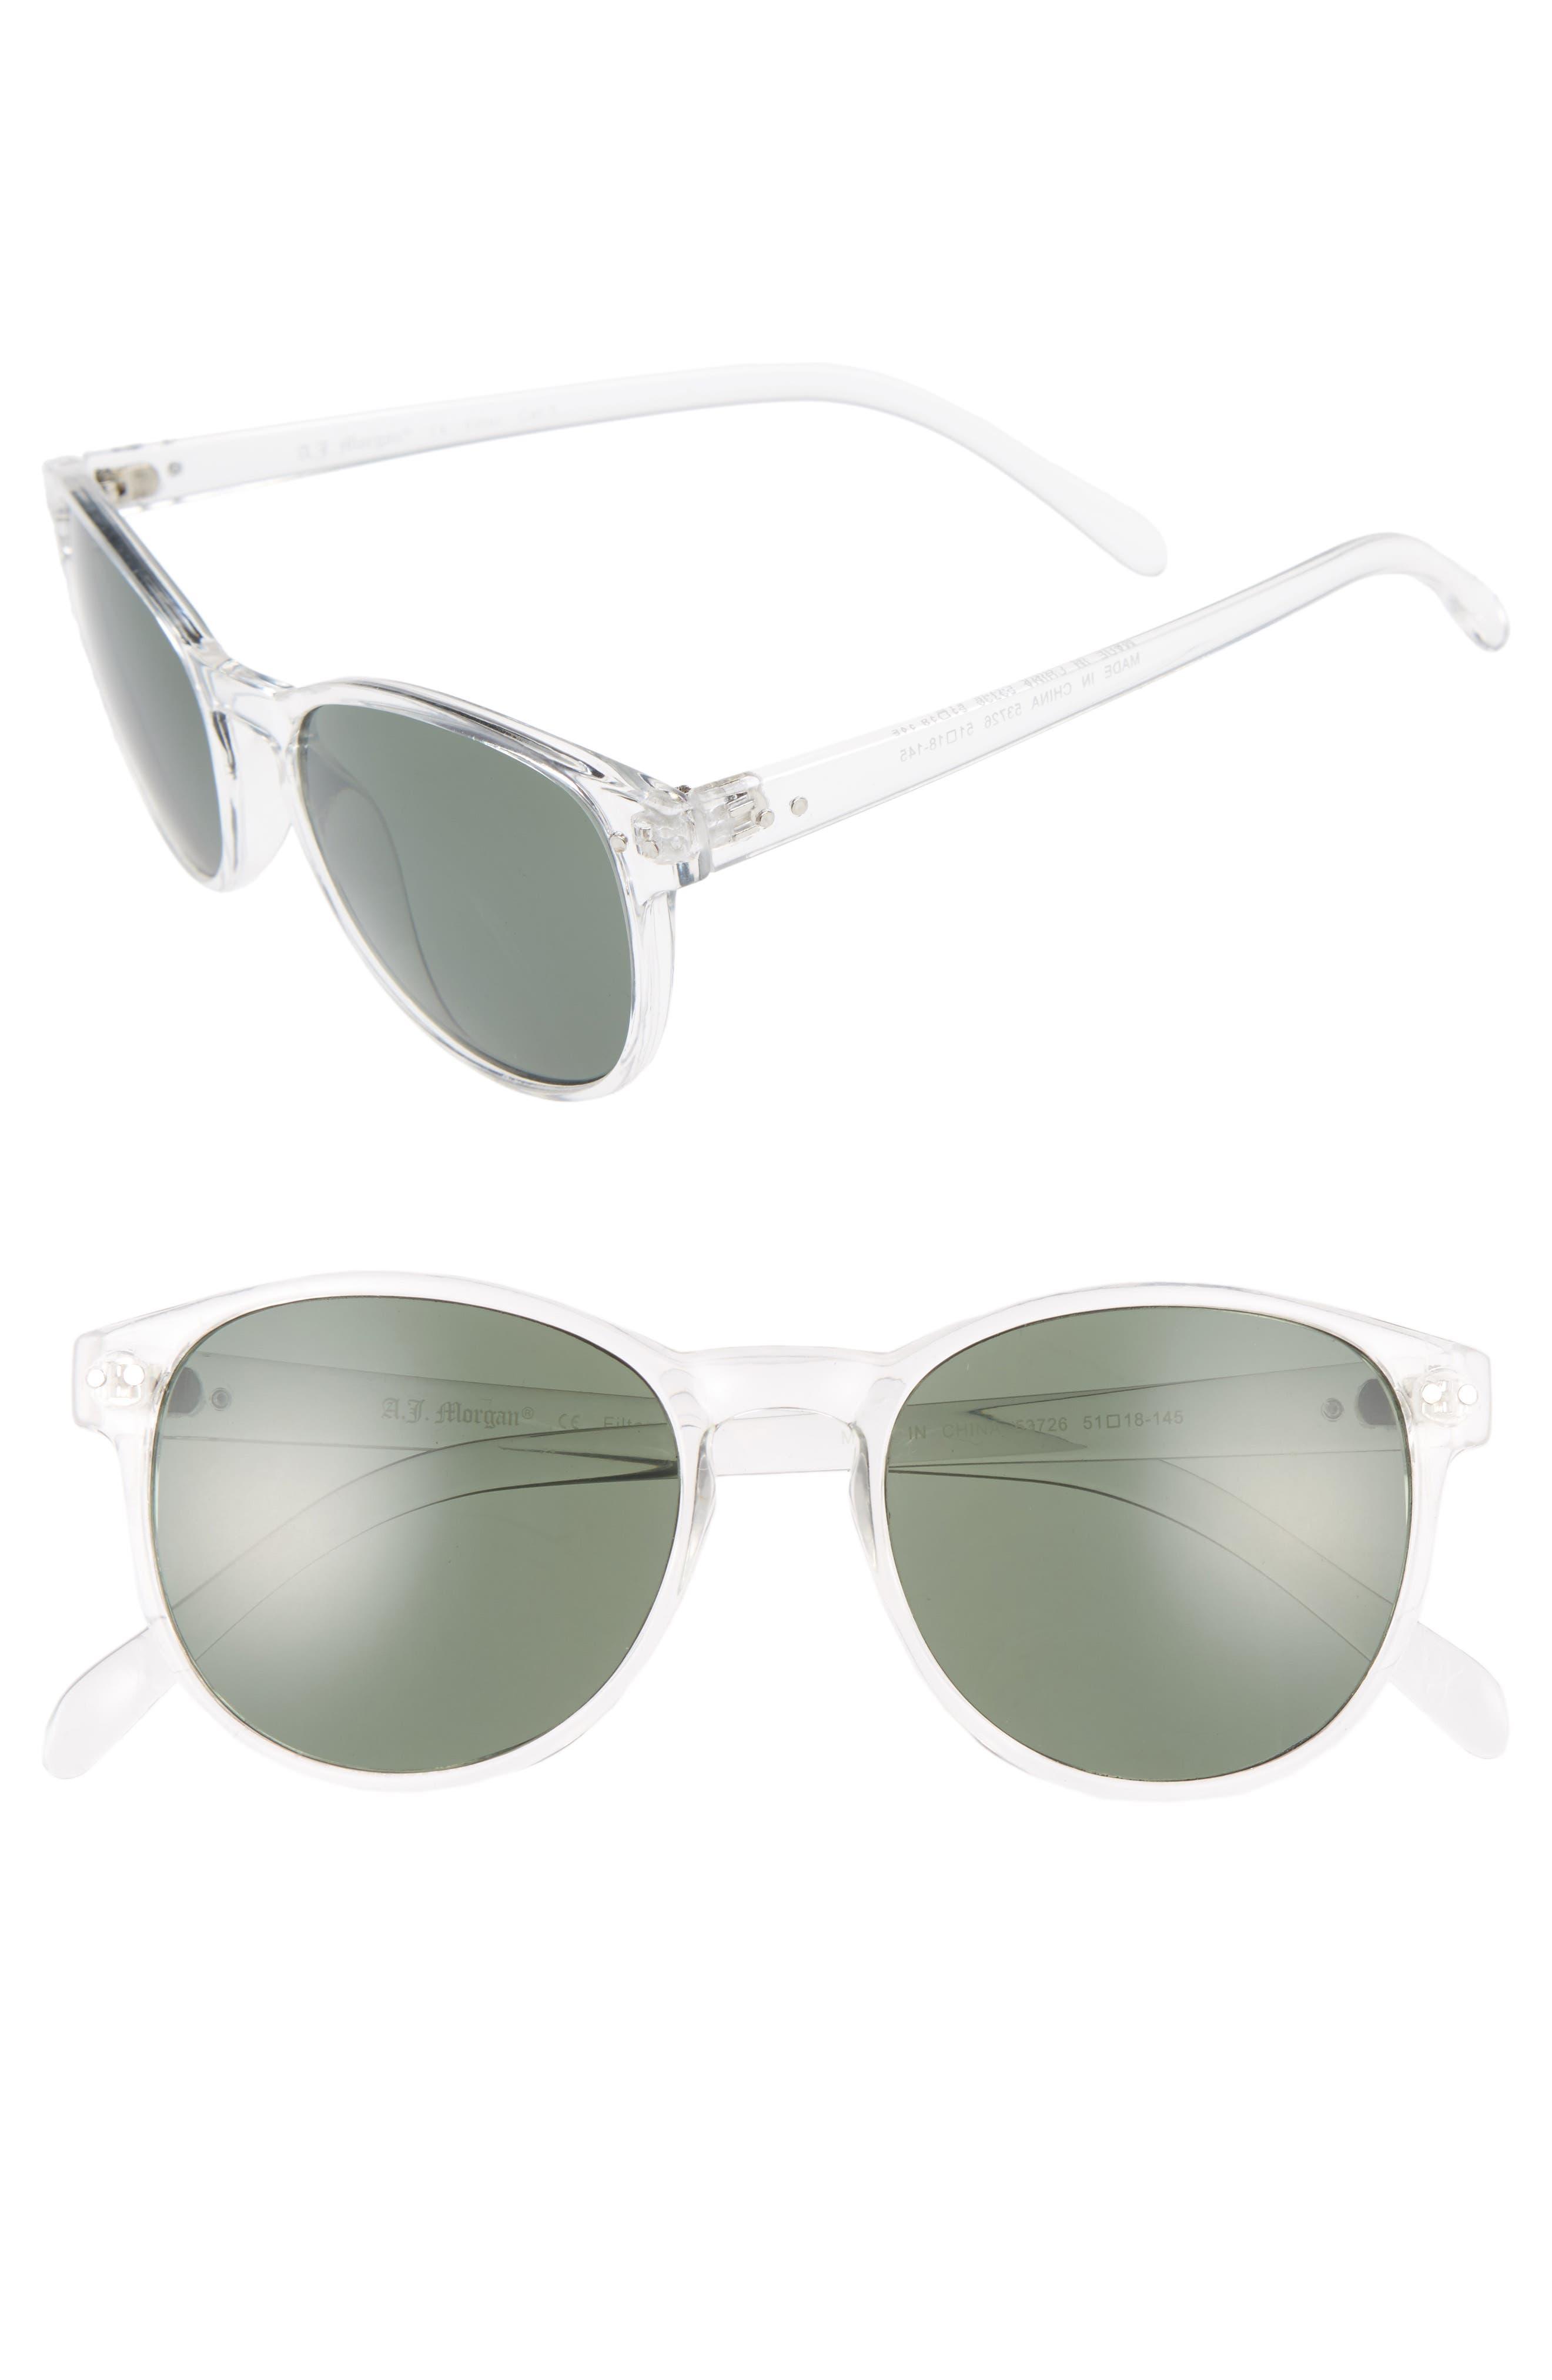 Daily 57mm Sunglasses,                             Main thumbnail 1, color,                             Crystal